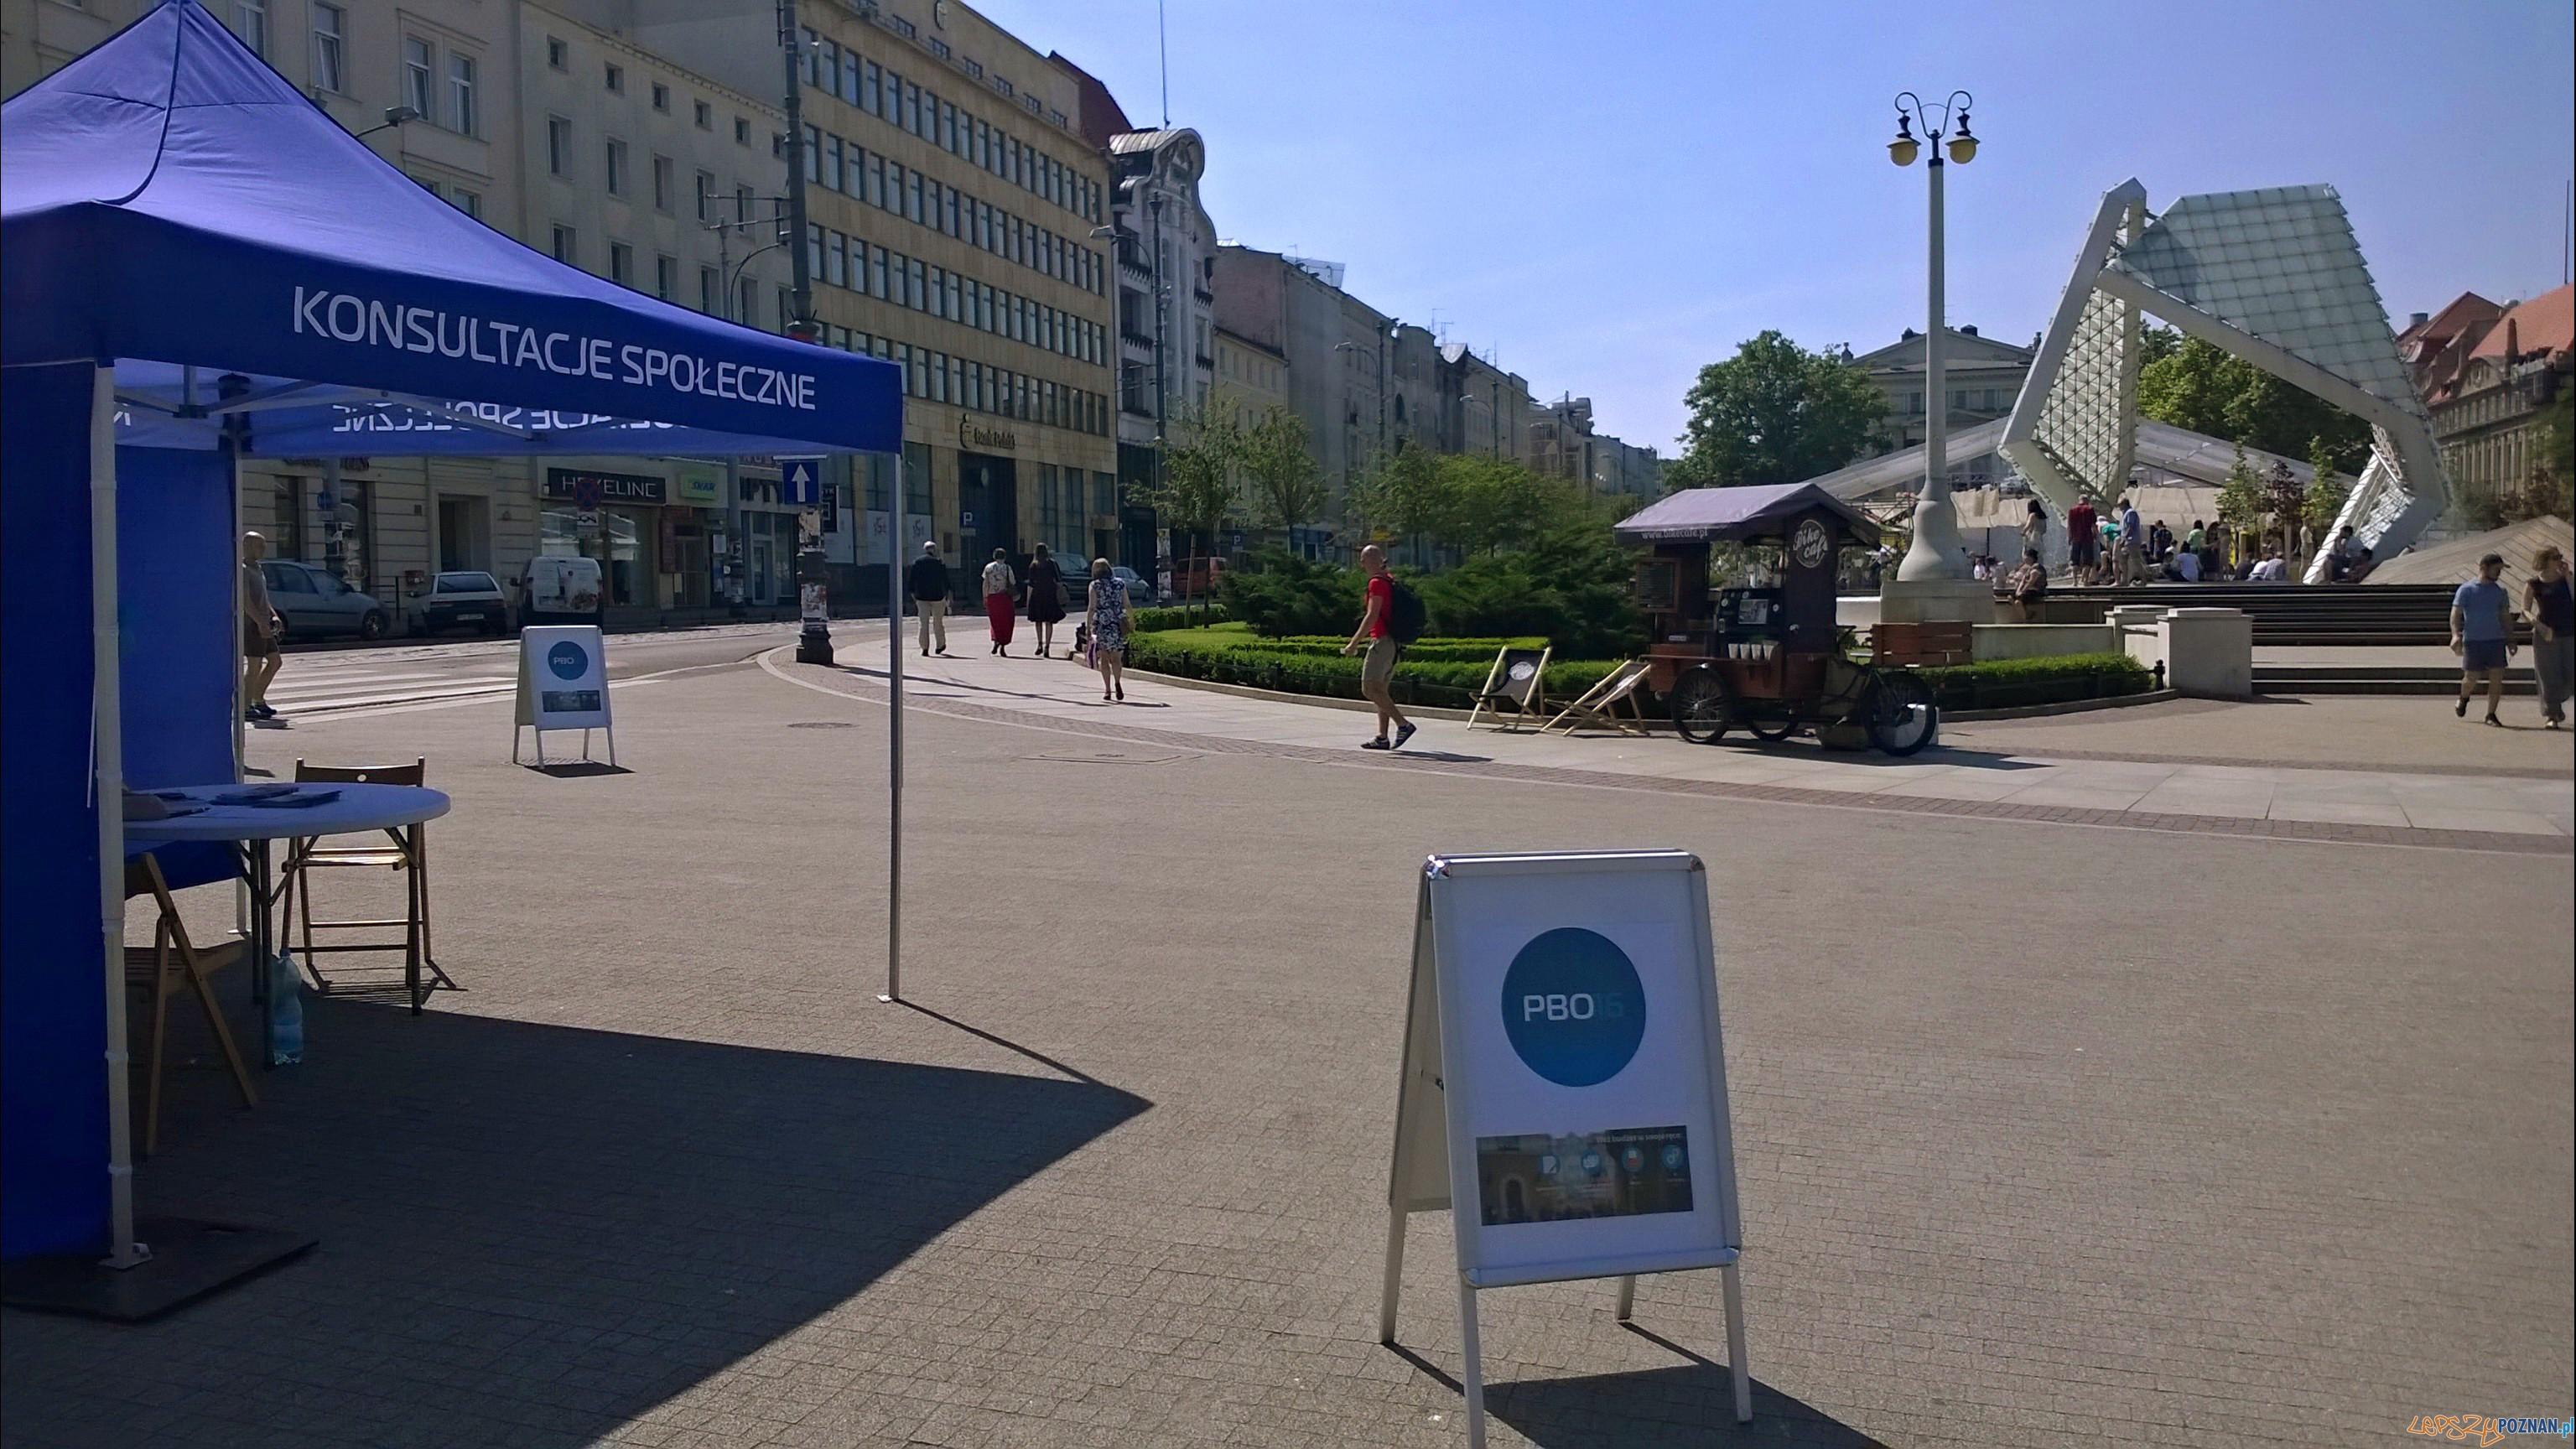 Plac Wolnosci - budzet obywatelski  Foto: lepszyPOZNAN / TD